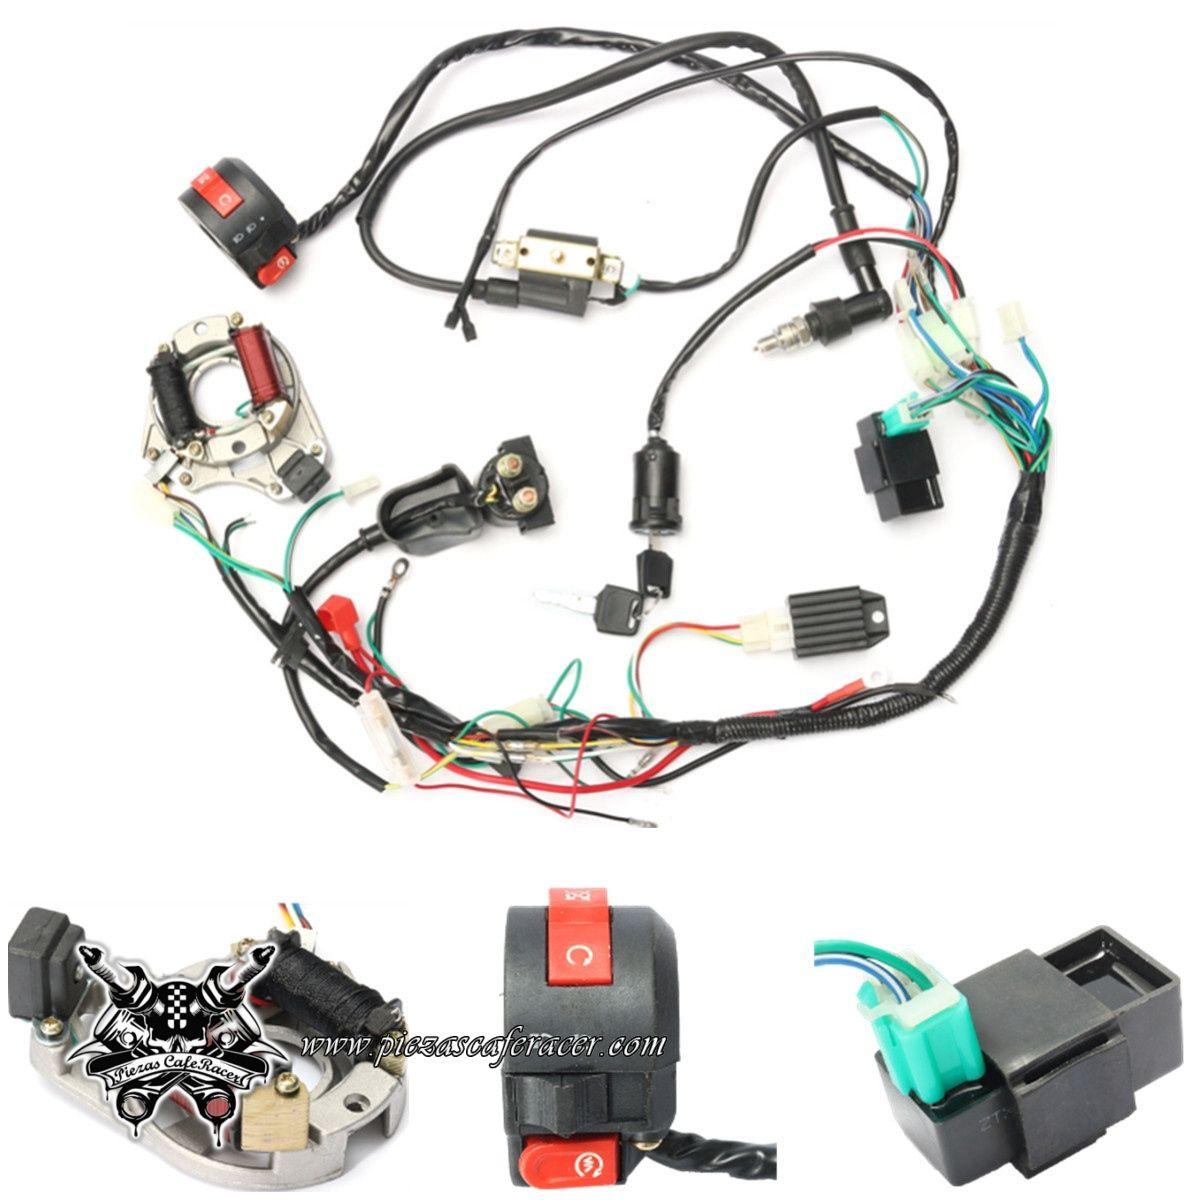 Cableado Completo Con Stator Magneto   Pi U00f1a Luces   Cdi